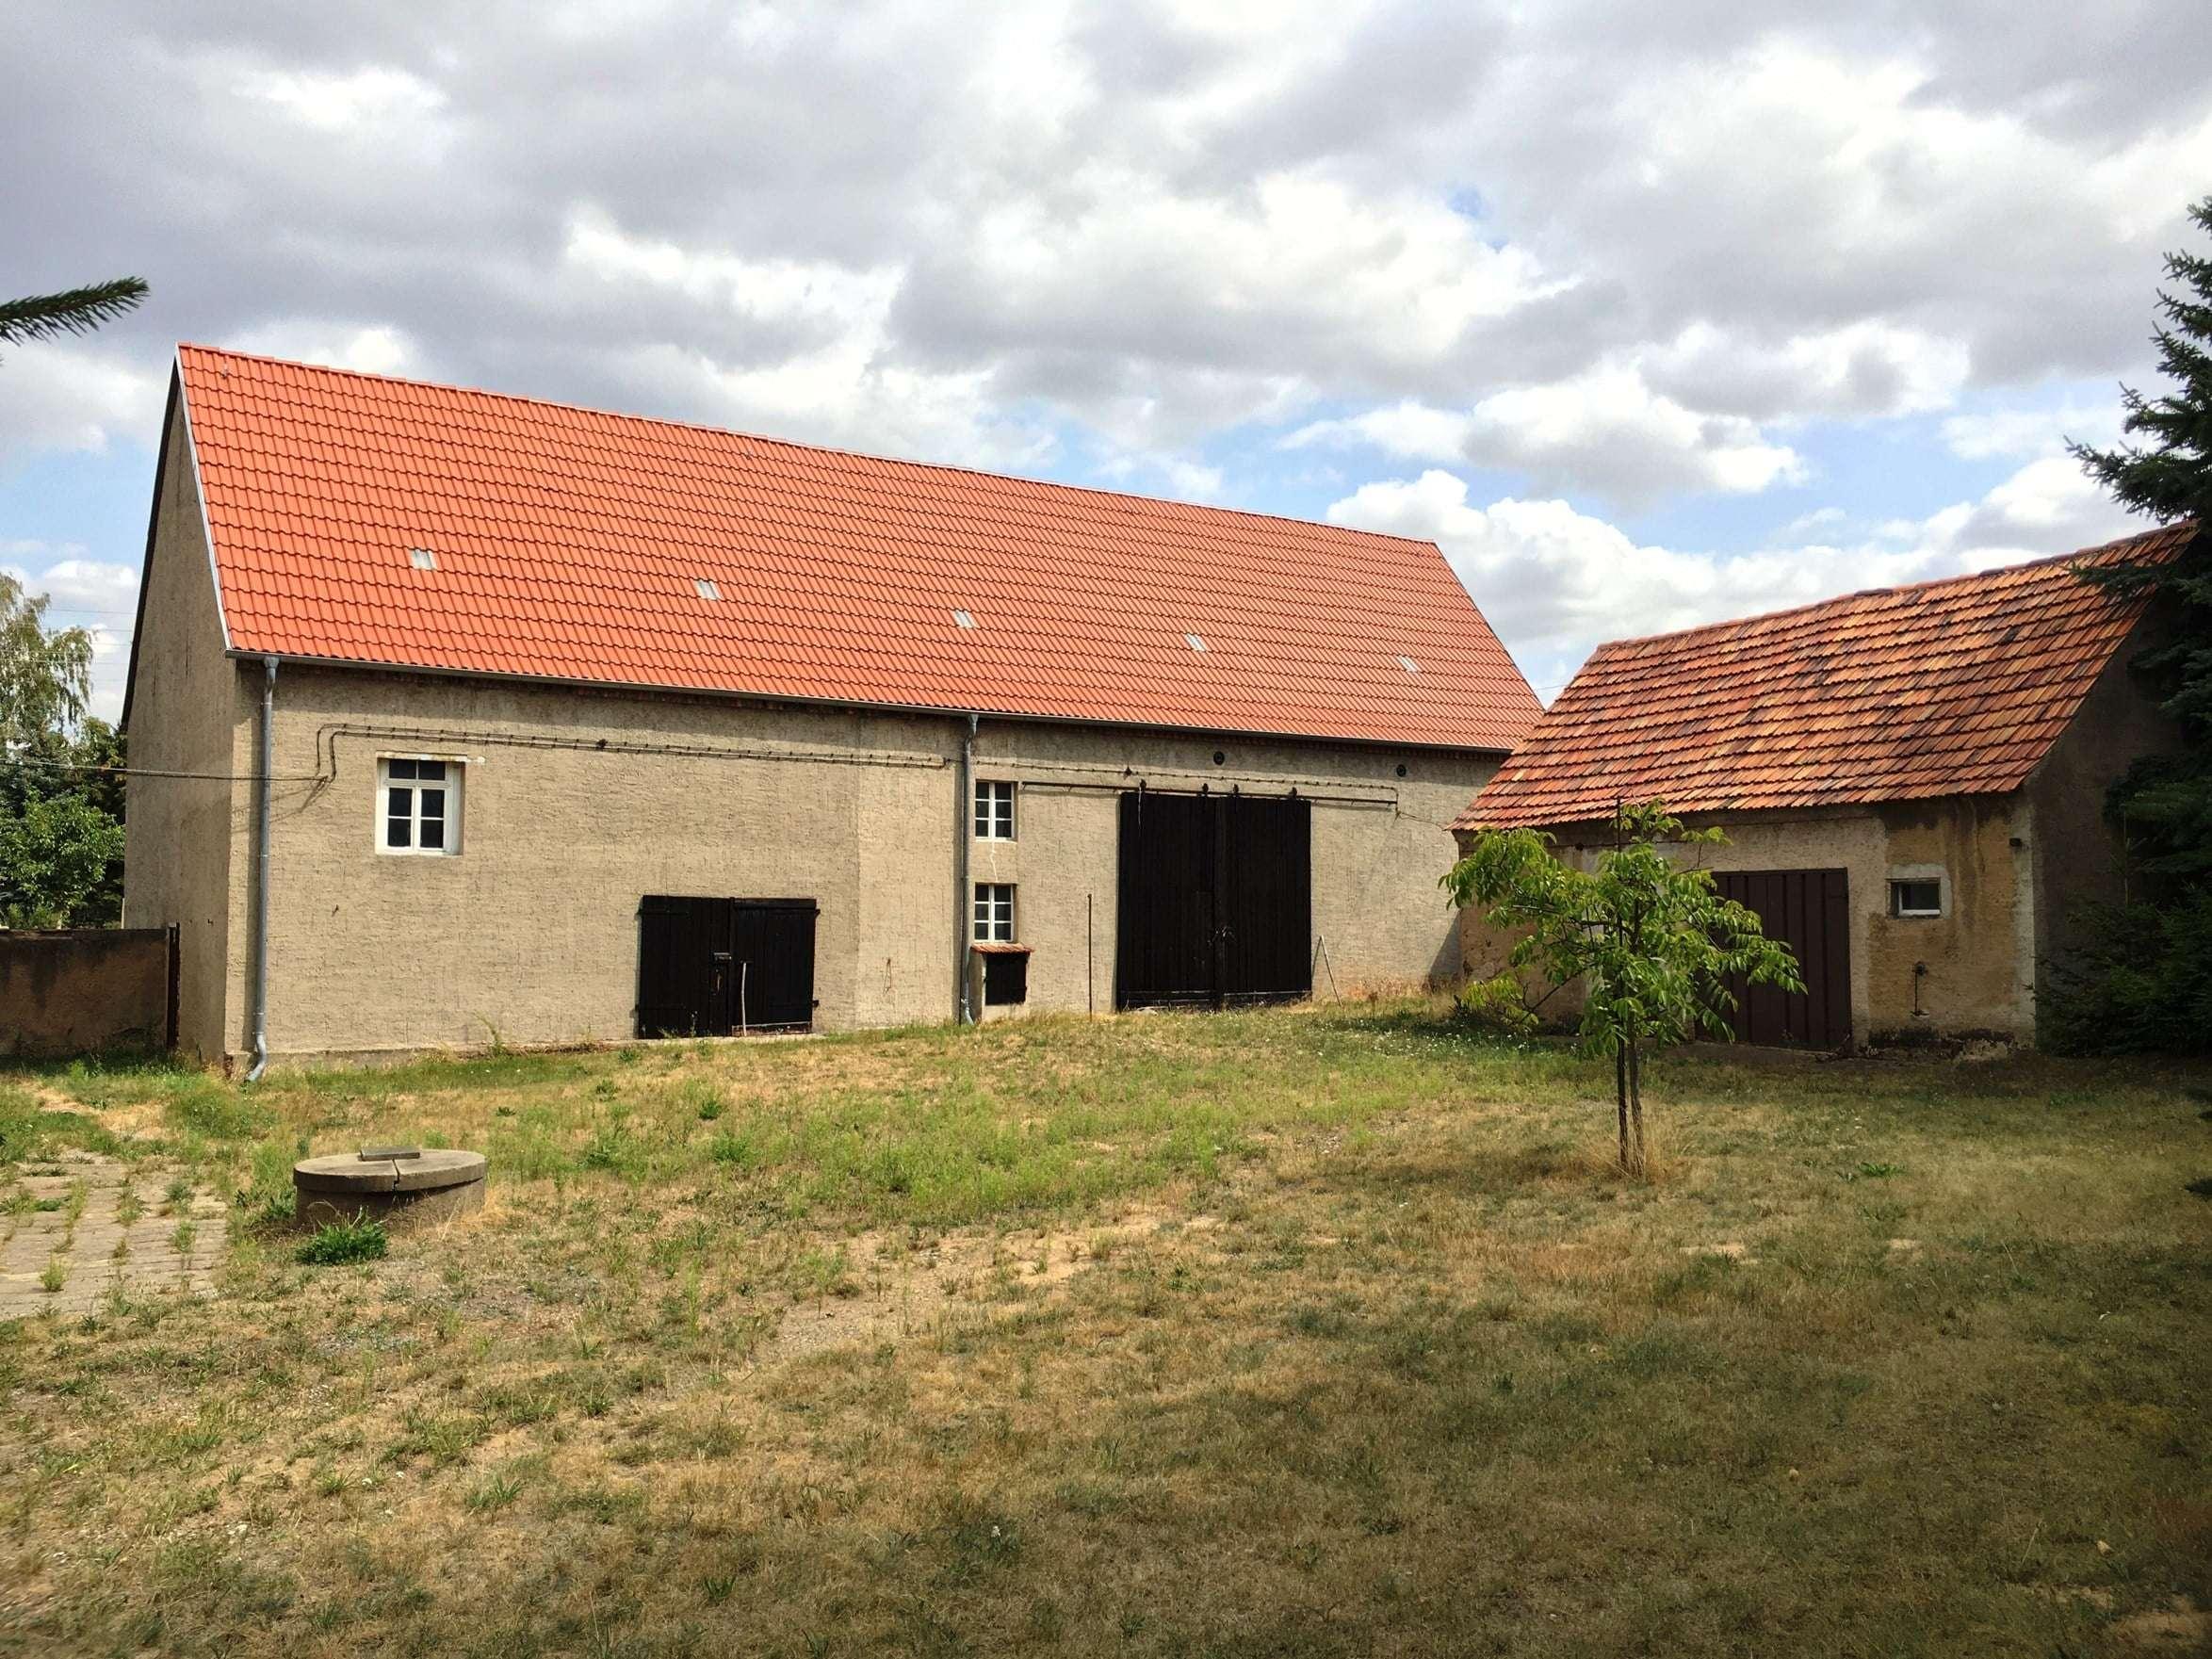 In alter Scheune den eigenen Traum vom Wohnen mit viel Platz auf großem Grundstück verwirklichen - Haus zum Kauf in Glaubitz